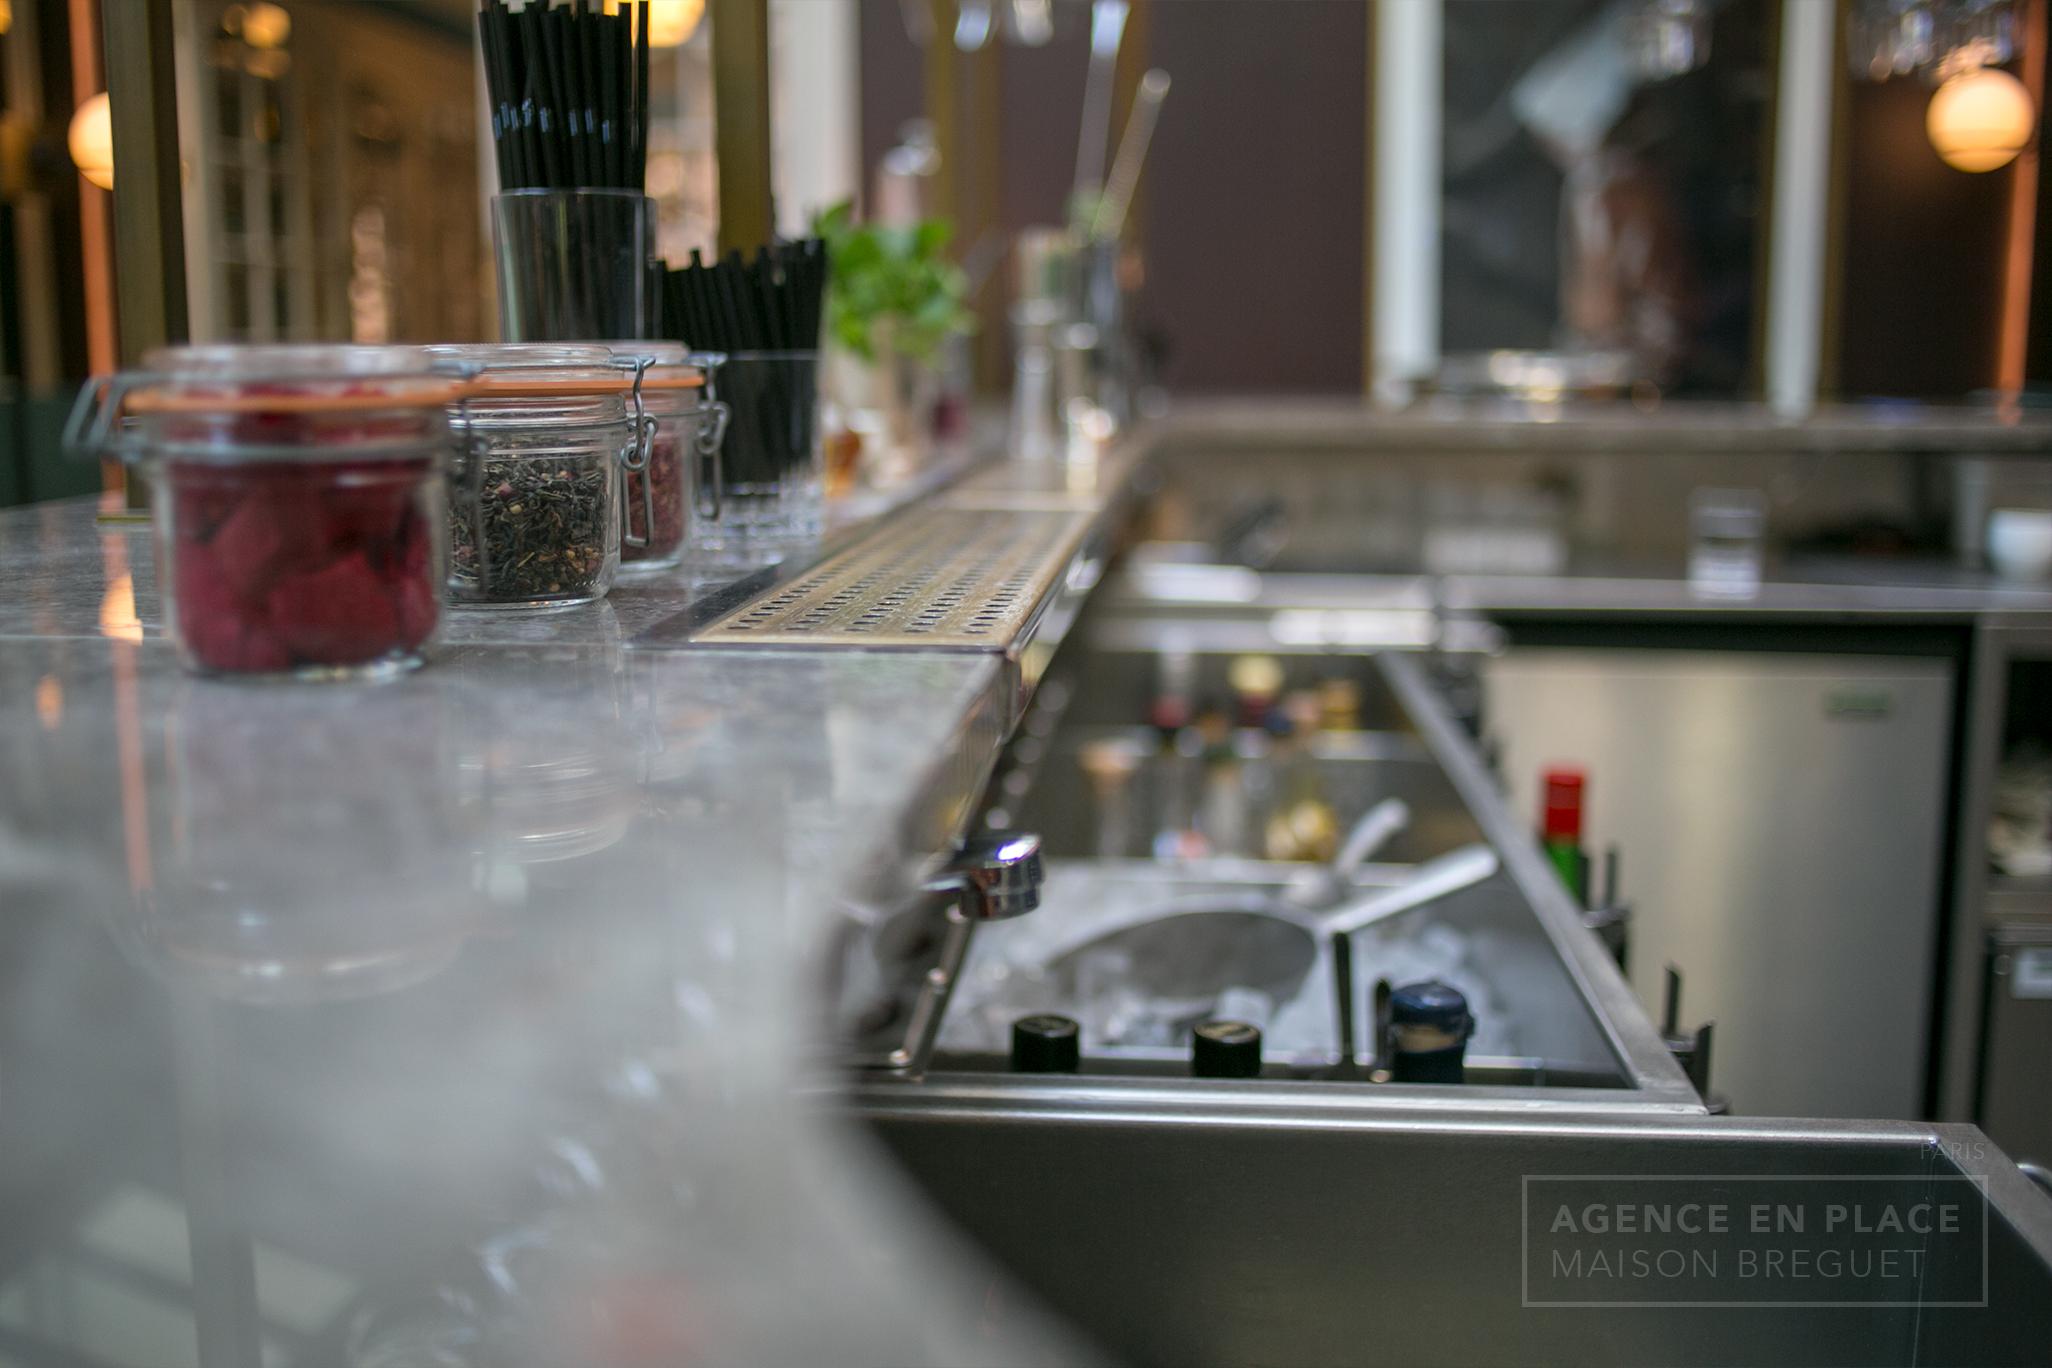 maison-breguet-agenceenplace-cocktailsbar-008